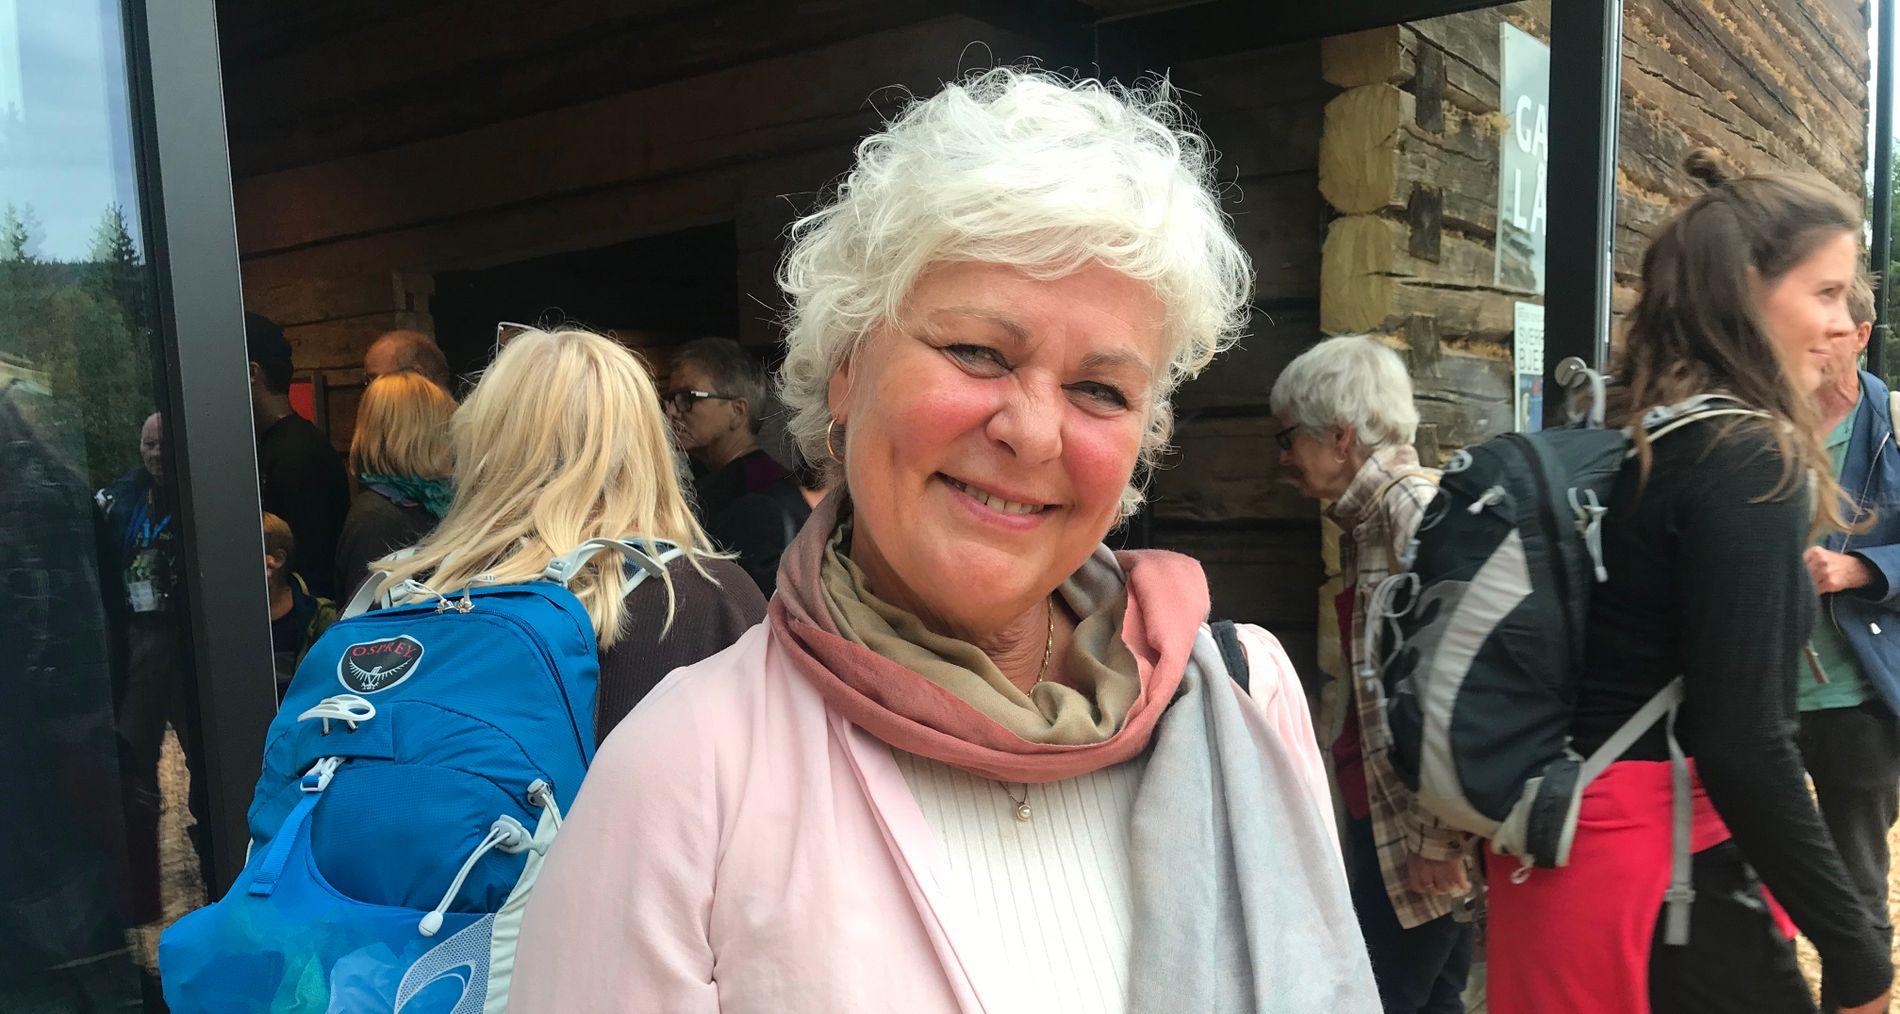 IMPONERT: Ellen Horn sier hun bøyer seg i støvet for Jakob Oftebro, som er tilbake på scenen etter ulykken i slutten av mai.